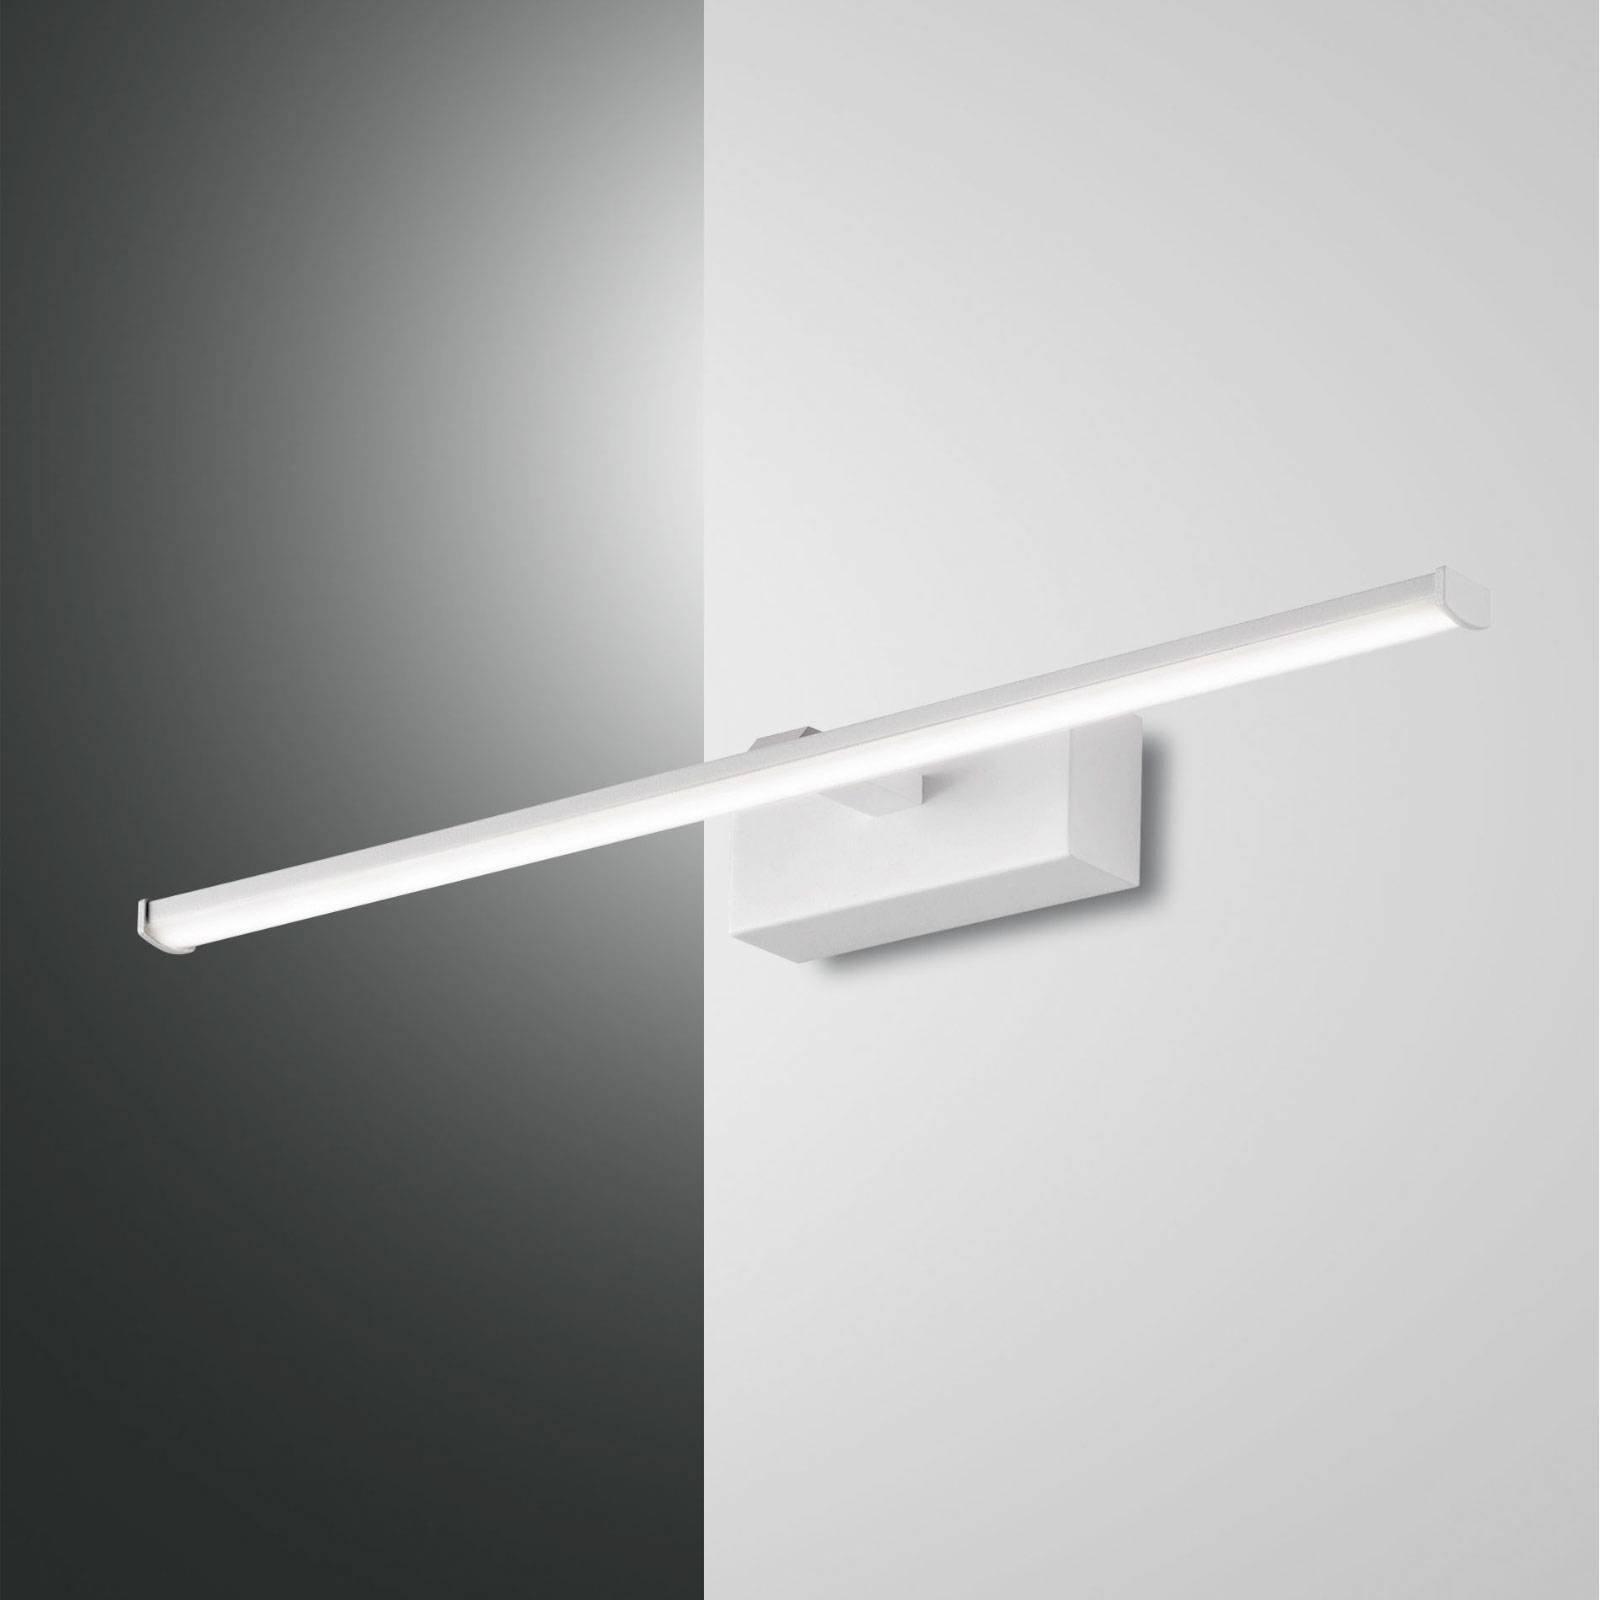 LED-vegglampe Nala, hvit, bredde 50 cm